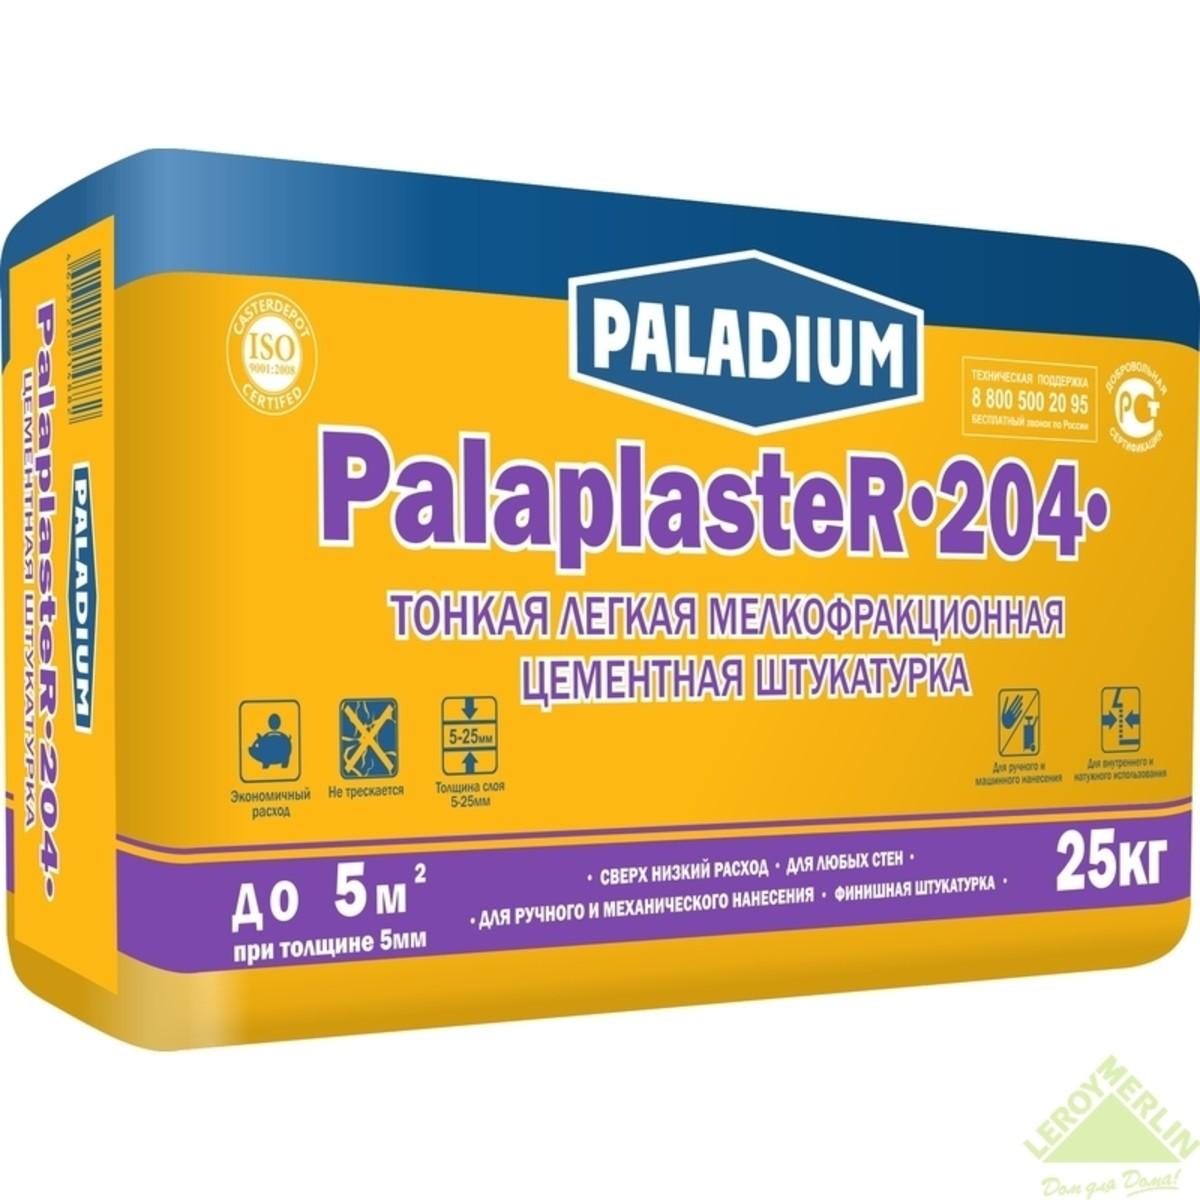 Штукатурка цементная Palaplaster-204 (25 кг)